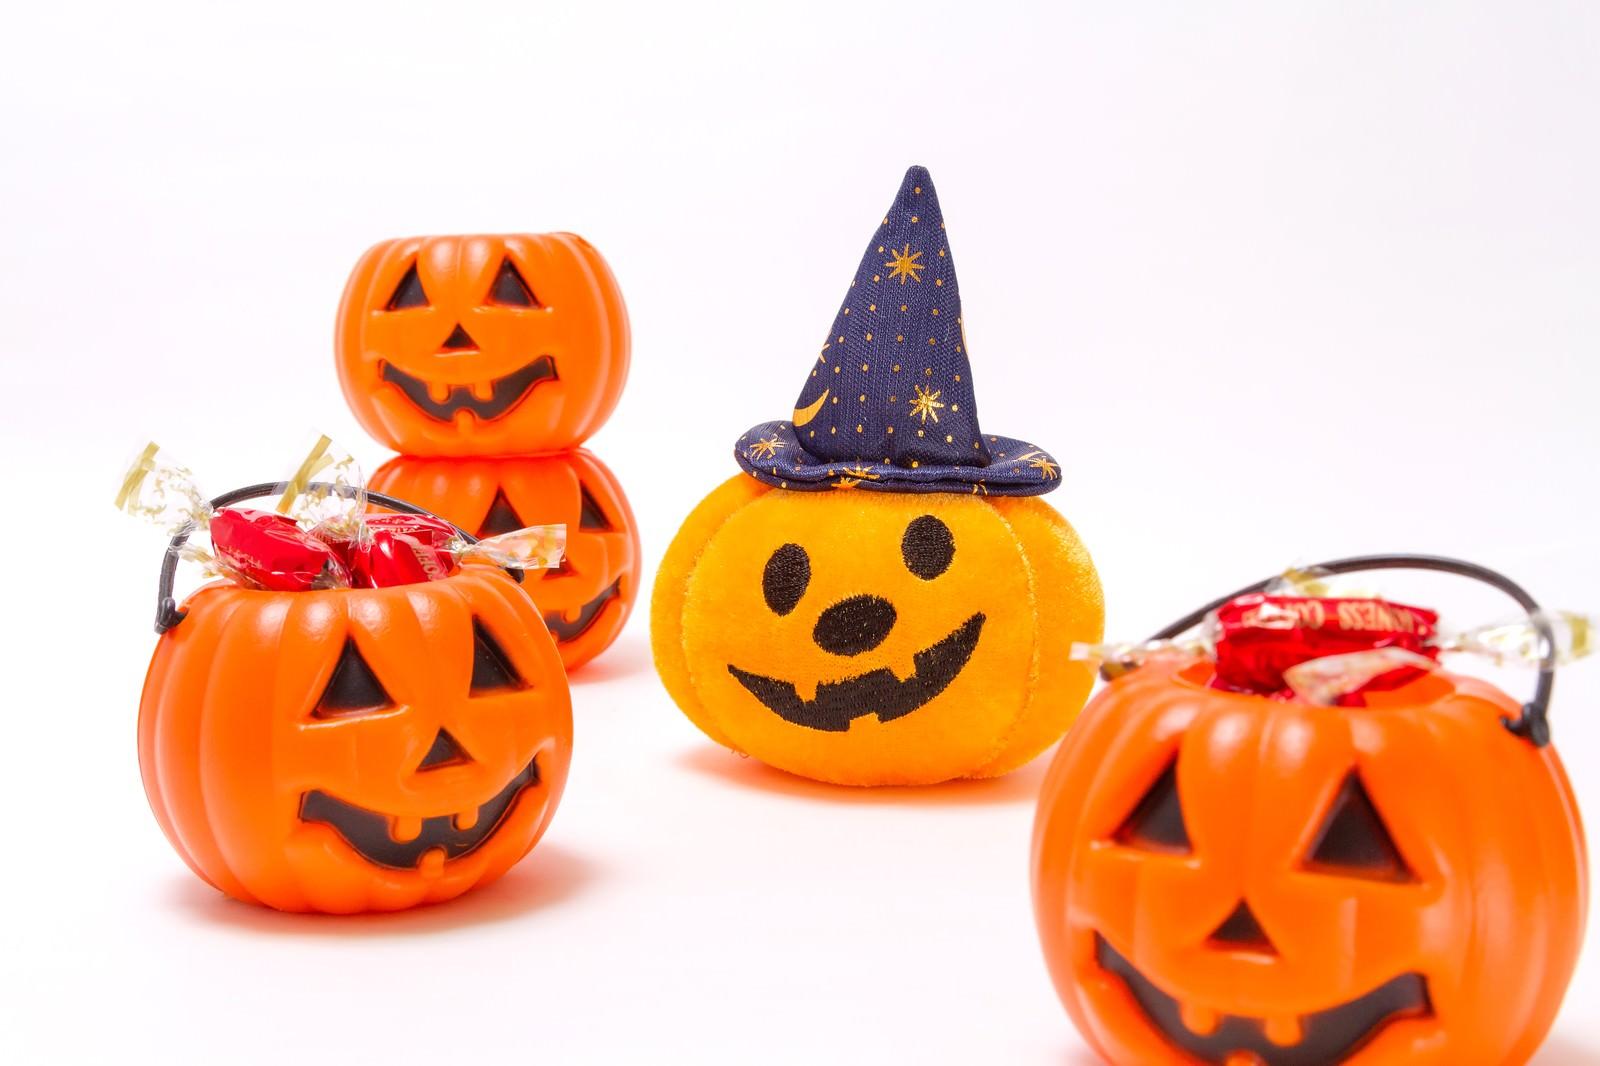 「ハロウィンかぼちゃおばけ」の写真